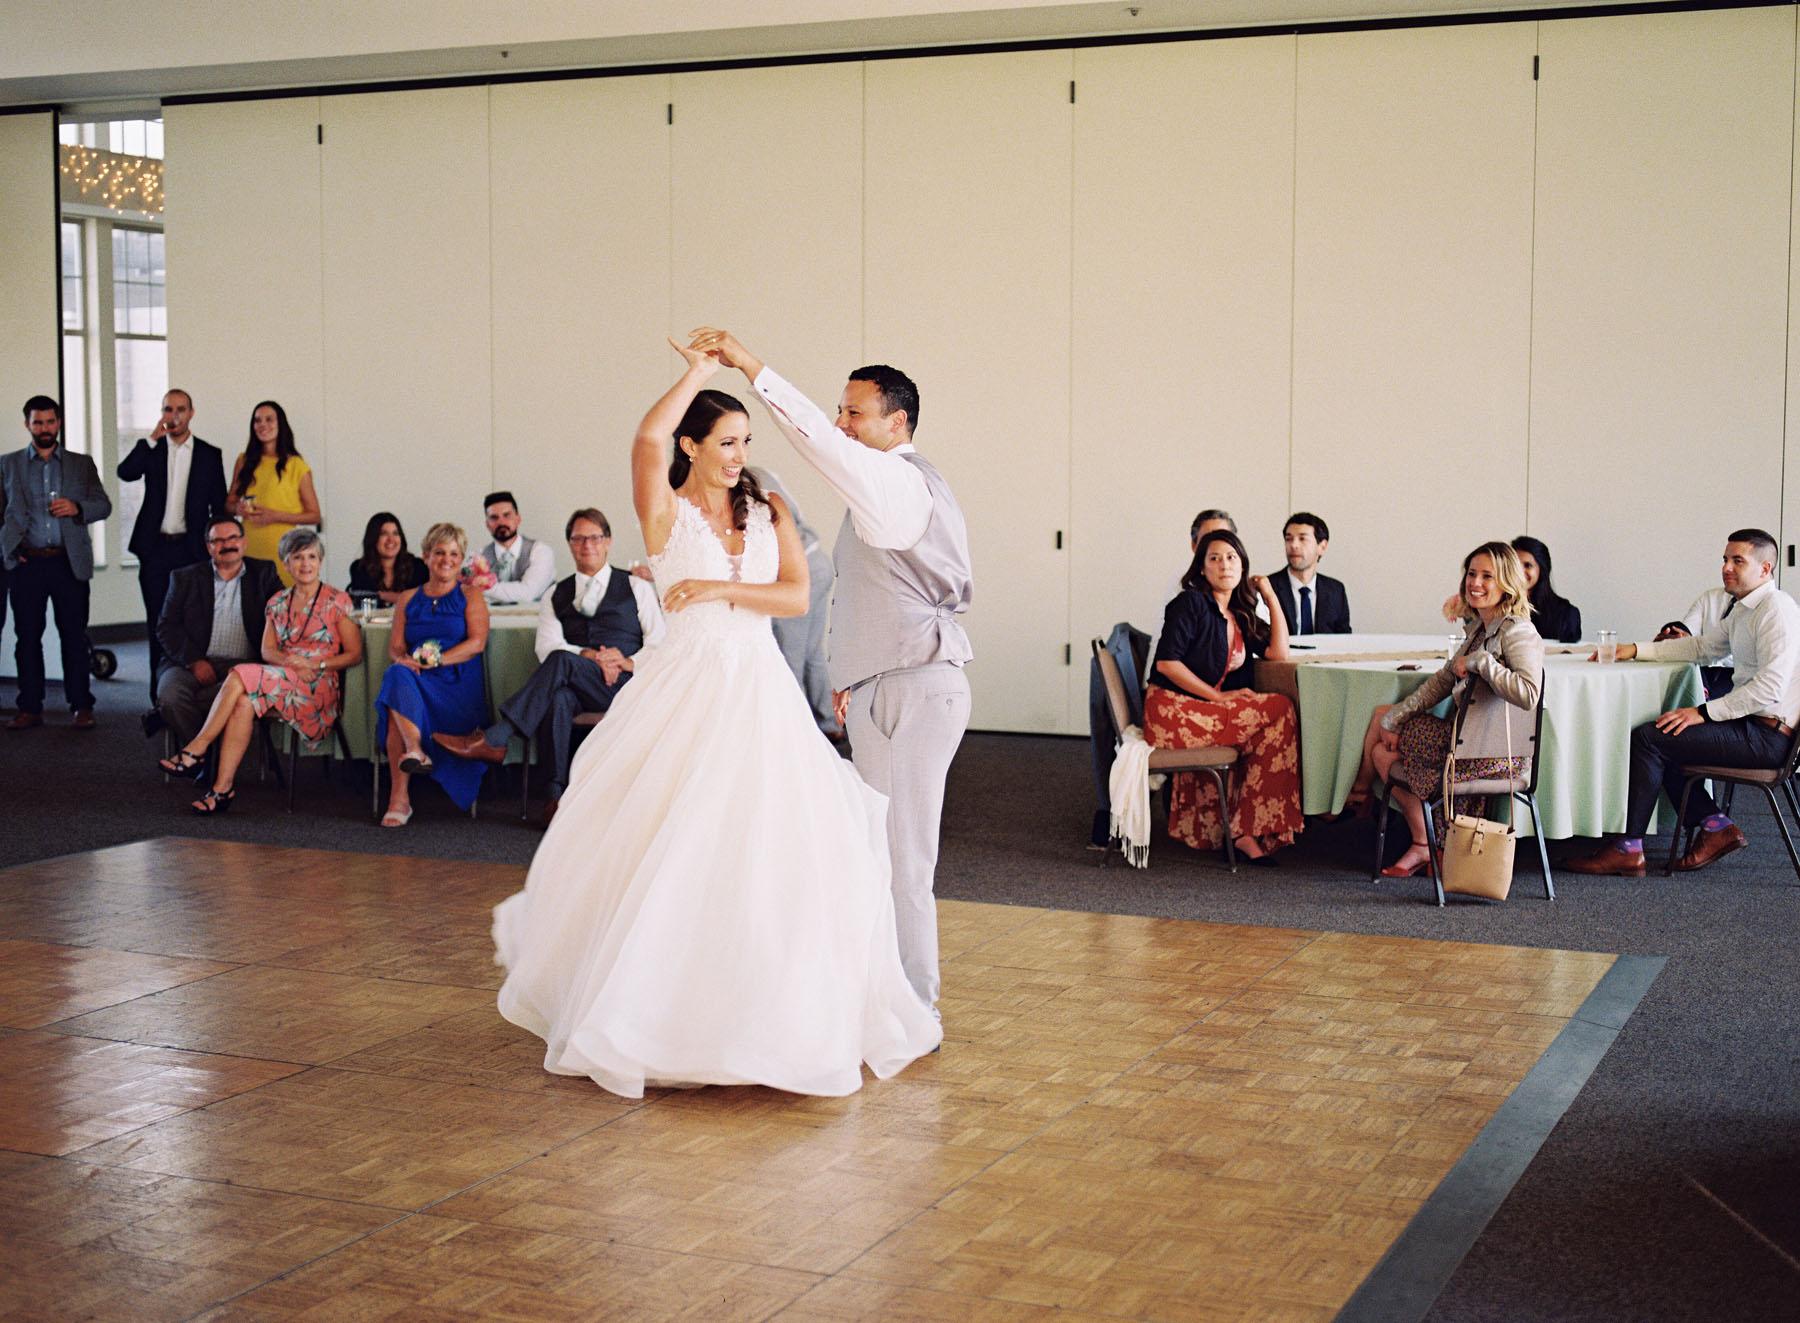 8-11-18 Vanessa and Andrew - 225.jpg